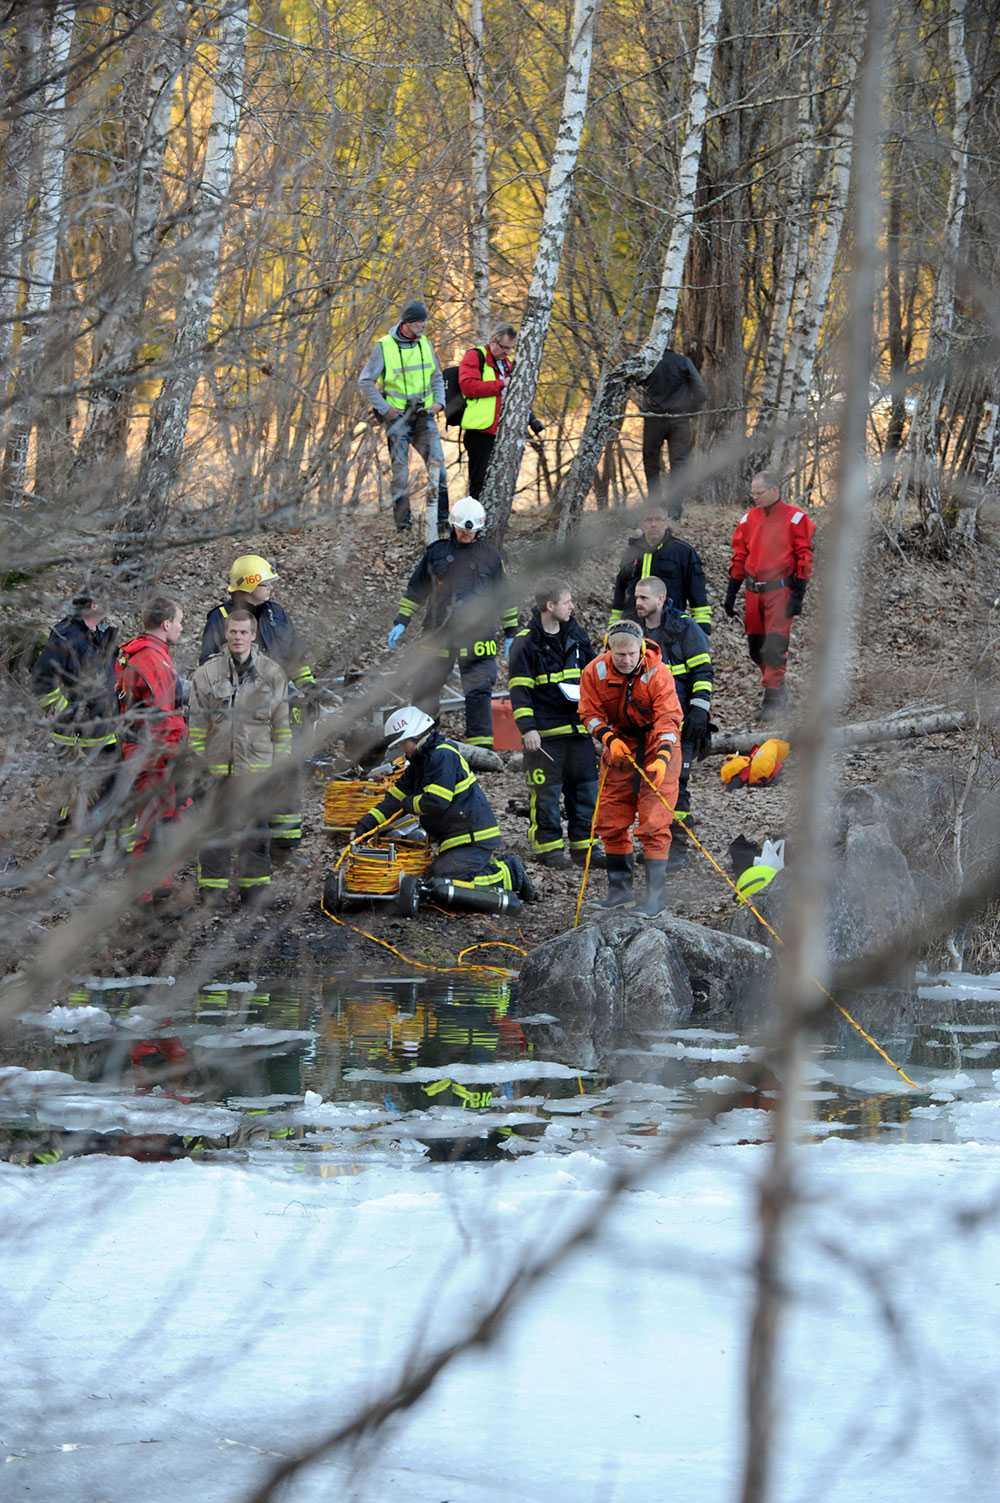 Sökådraget vid kalkbrottet där två dykare försvann och senare hittades döda.